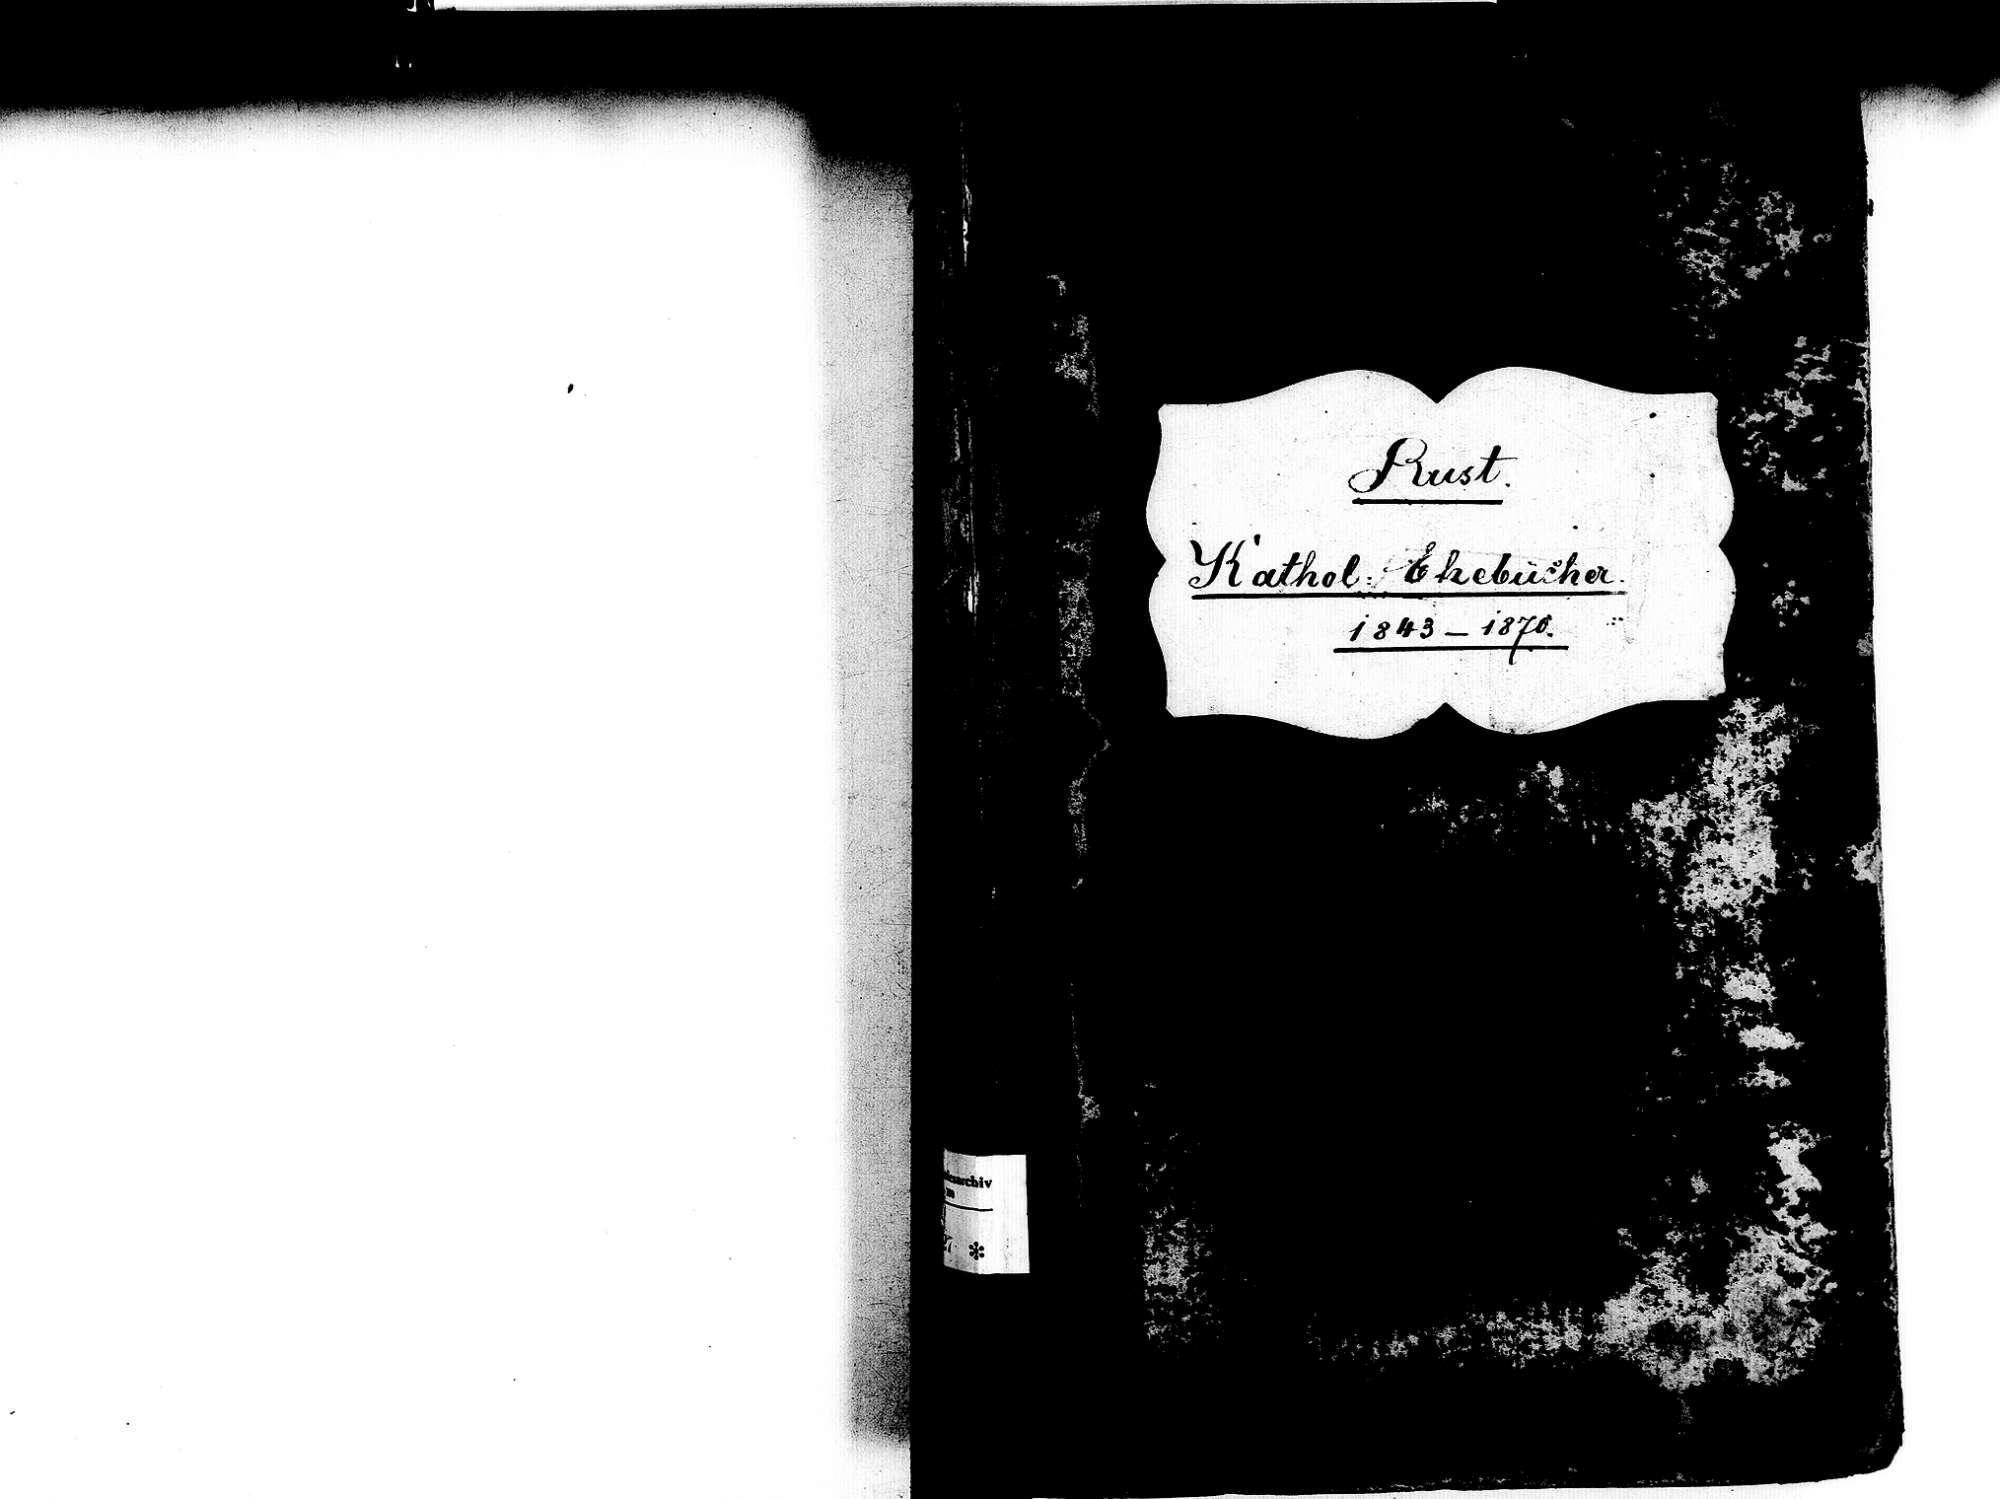 Rust OG; Katholische Gemeinde: Heiratsbuch 1843-1870, Bild 2